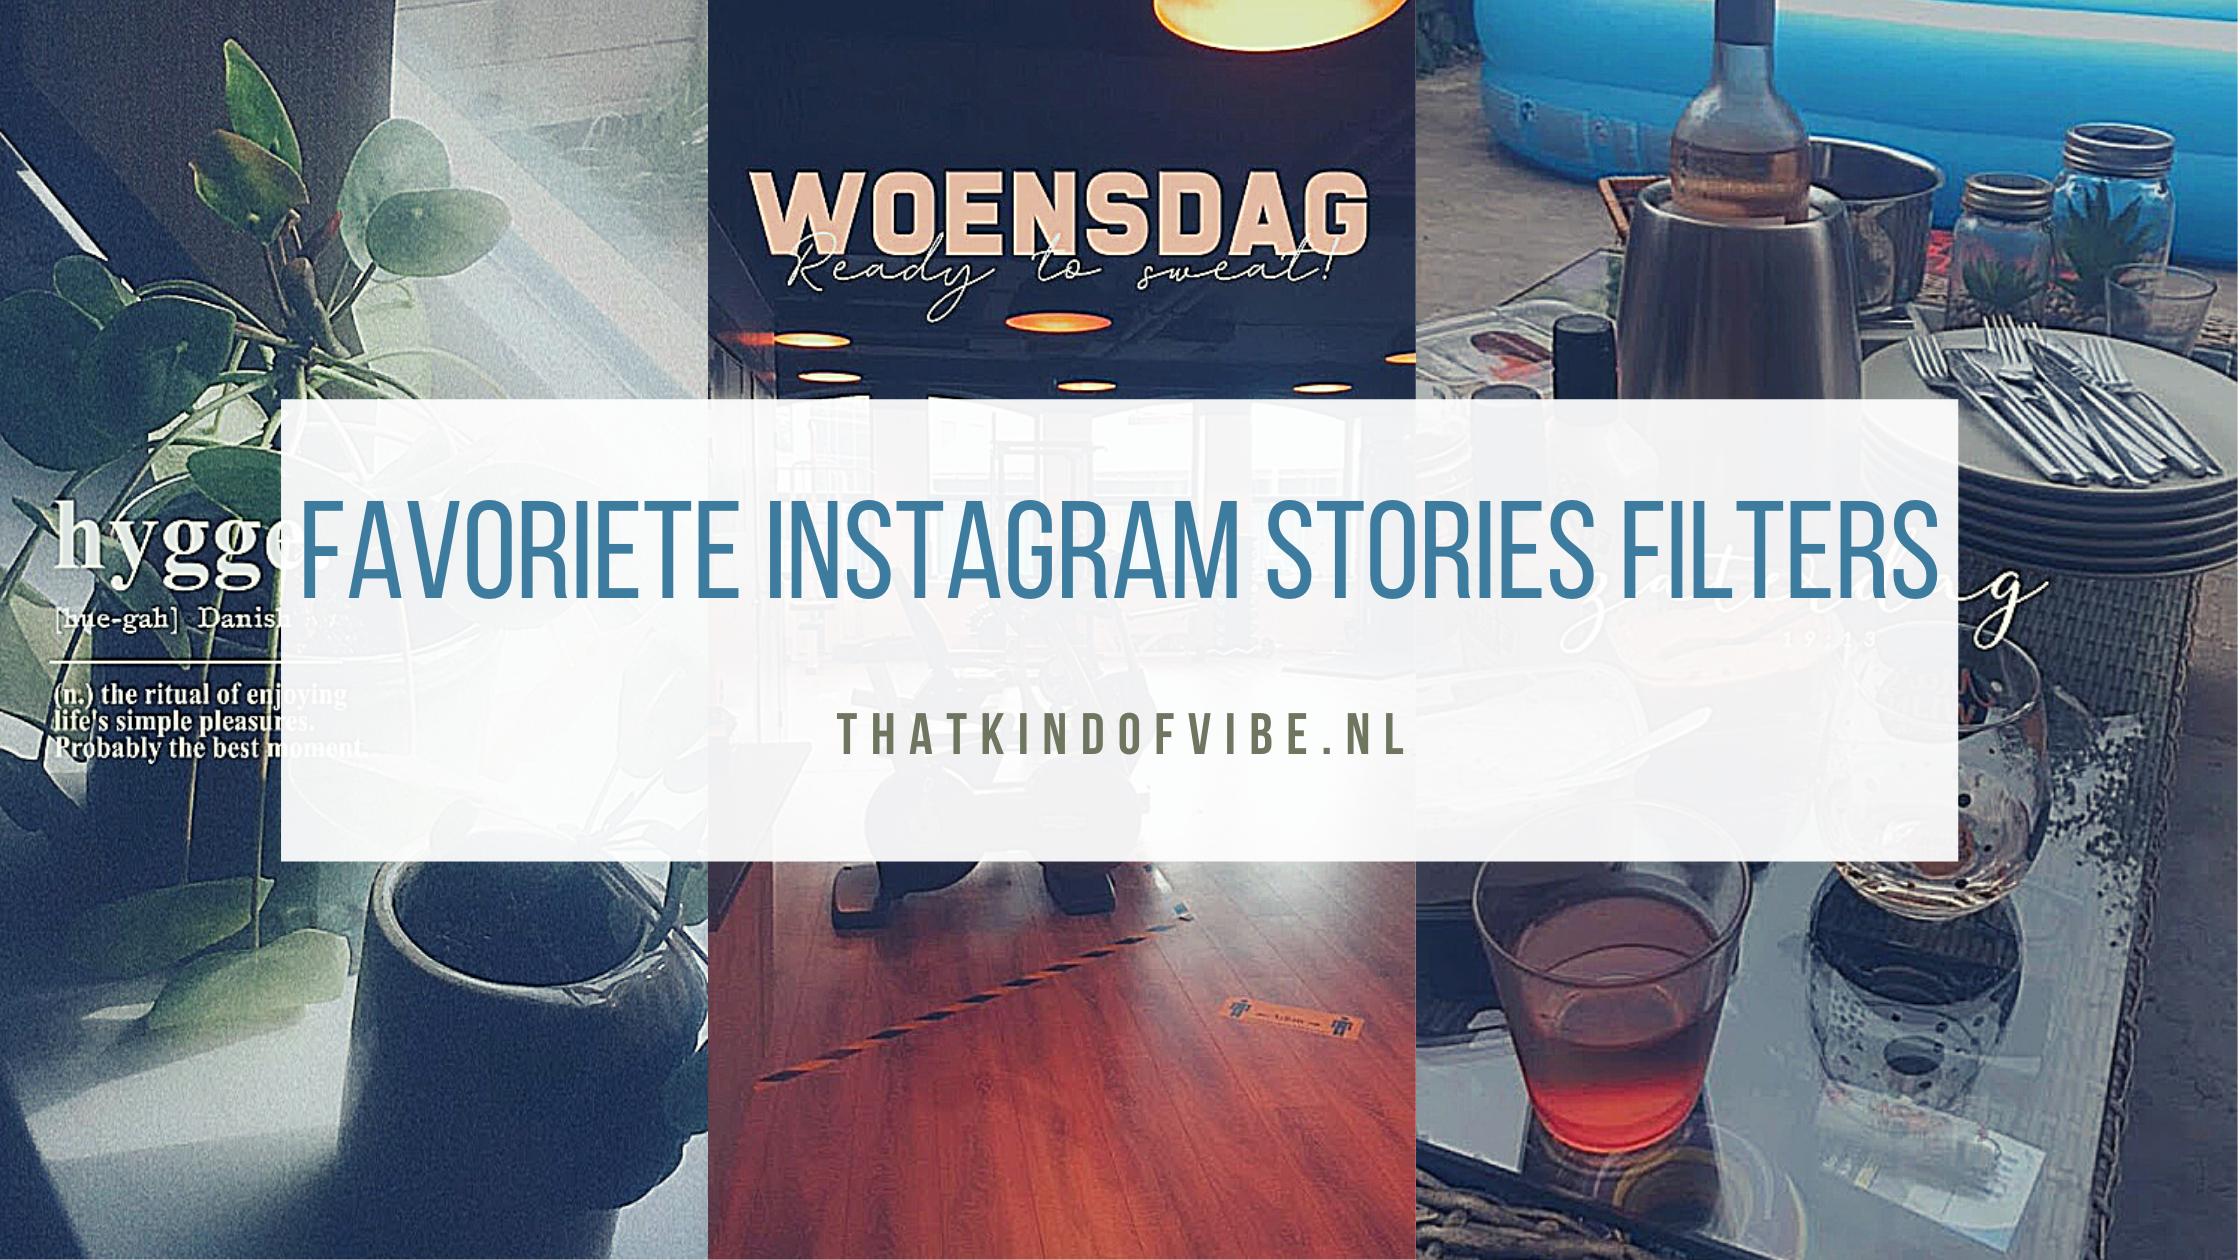 Deze Instagram filters moet je proberen!